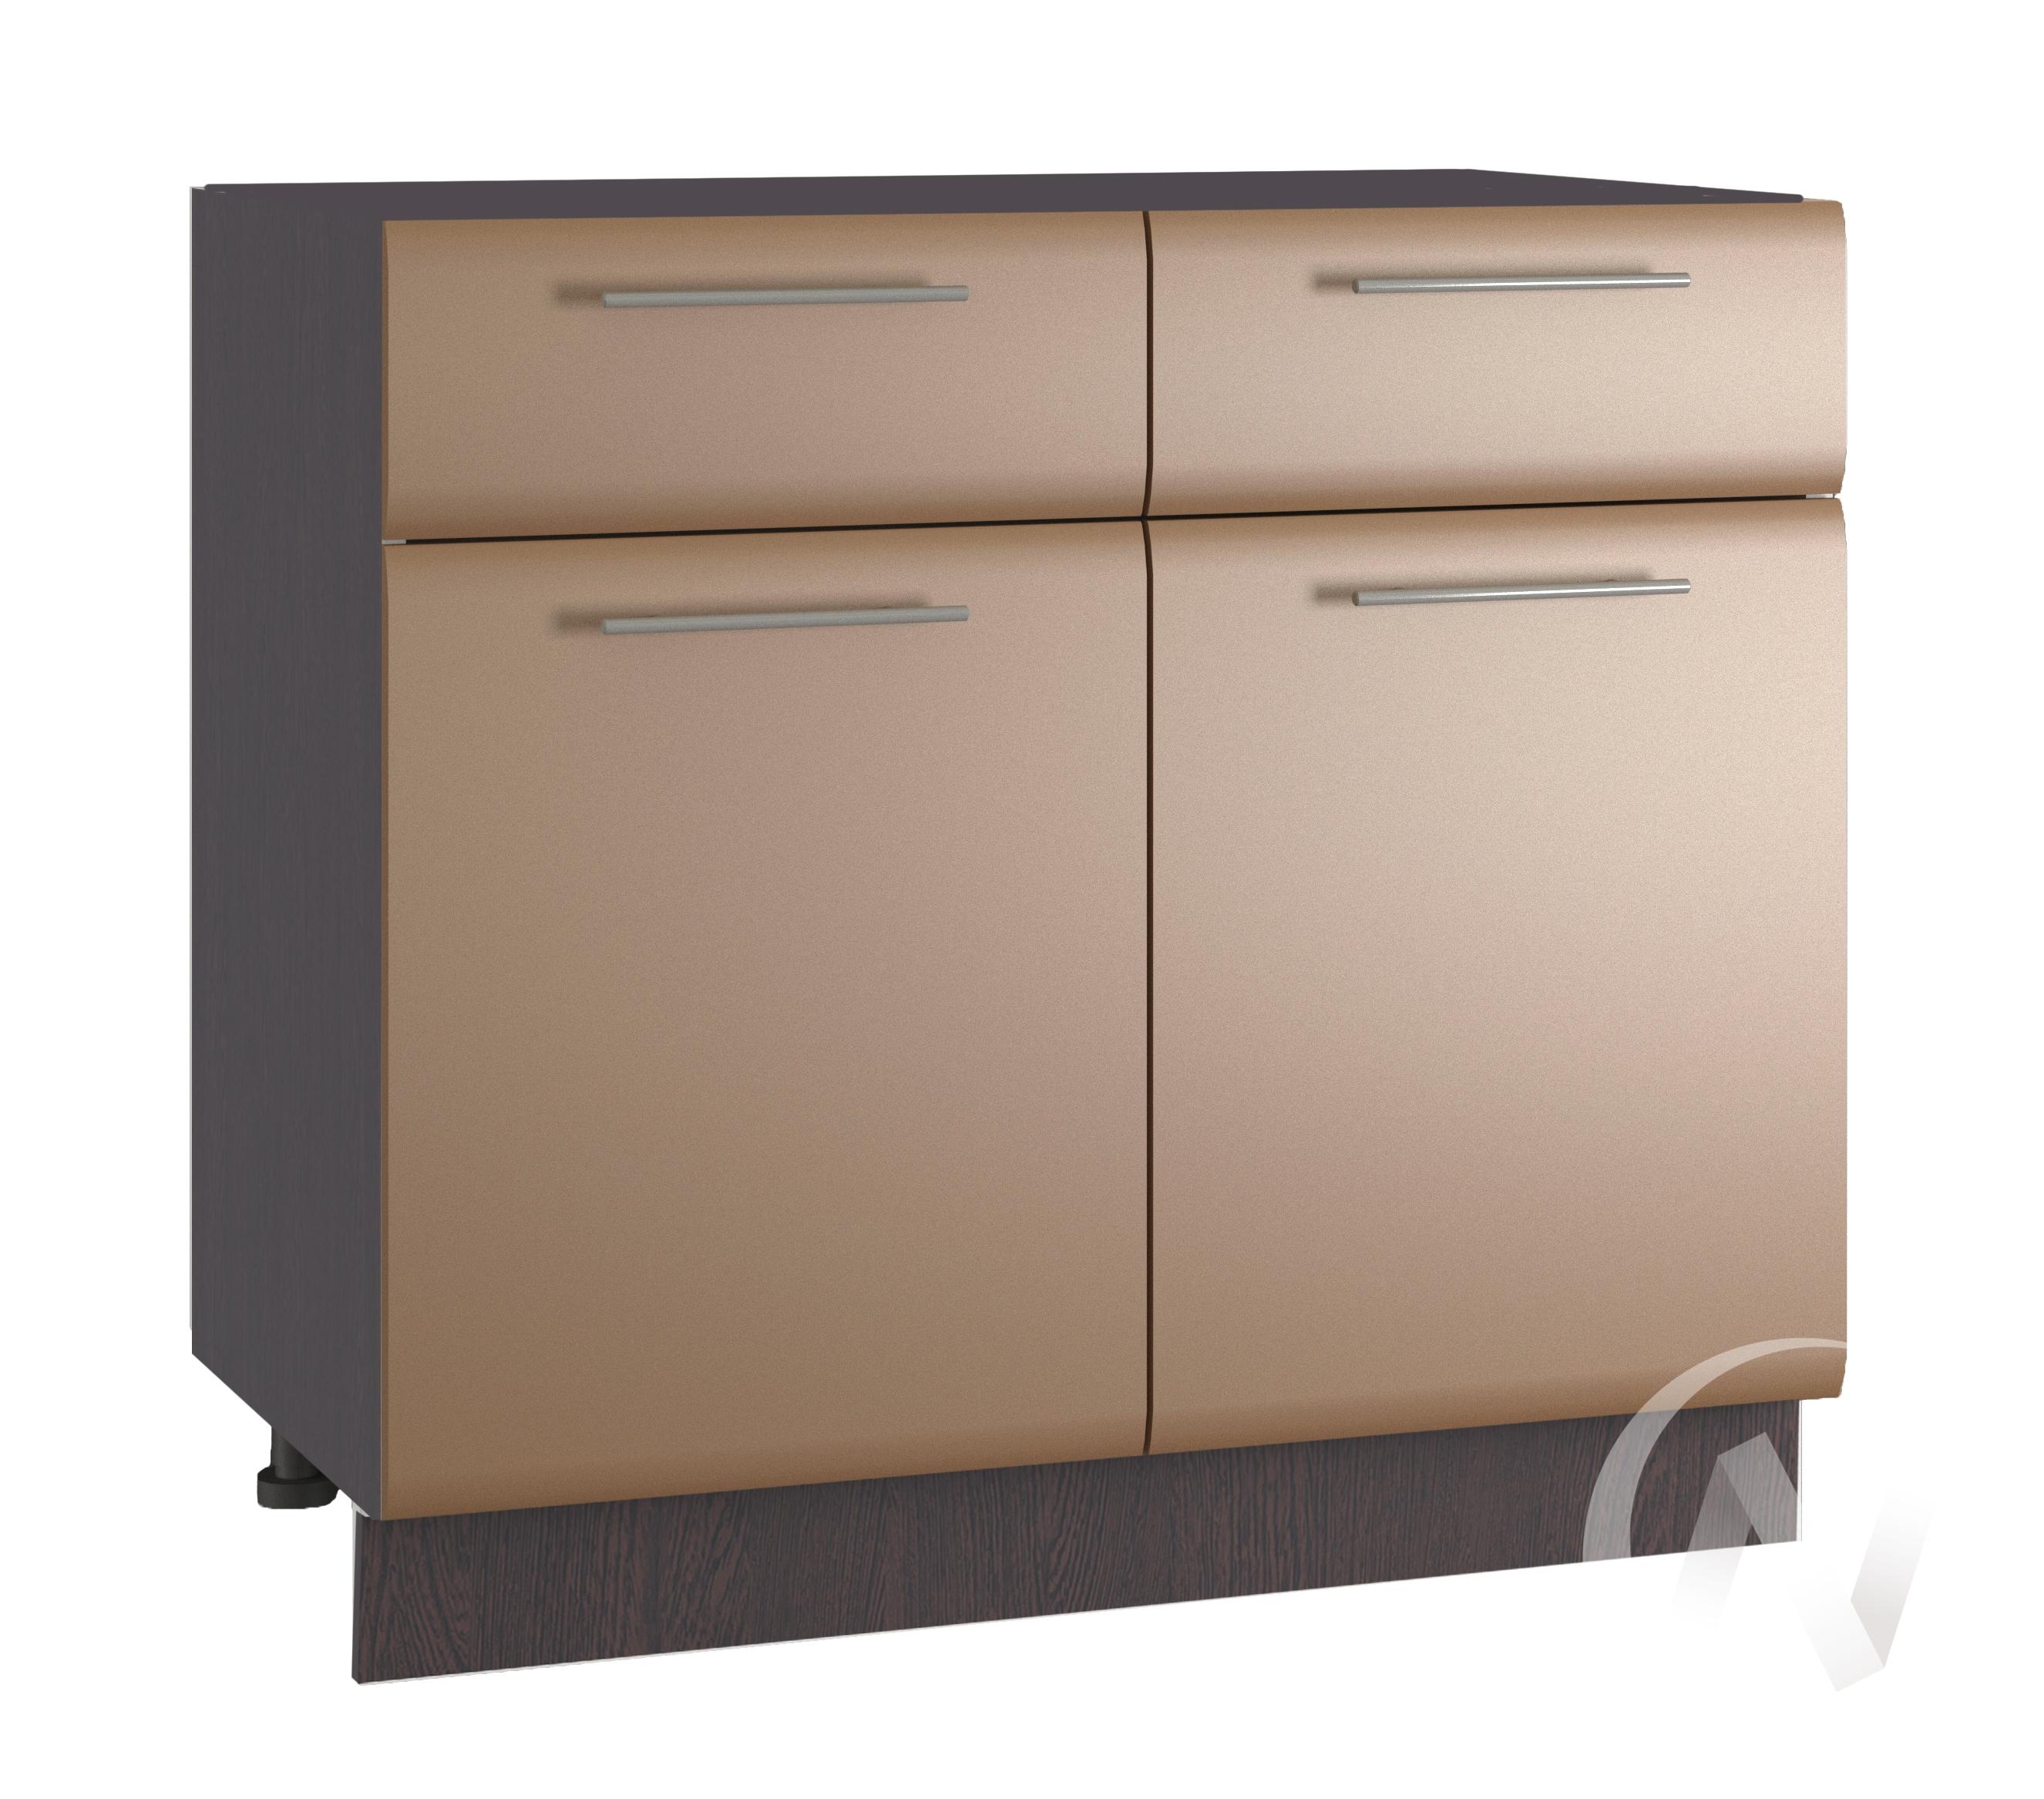 """Кухня """"Люкс"""": Шкаф нижний с ящиками 800, ШН1Я 800 (Шоколад матовый/корпус венге)"""